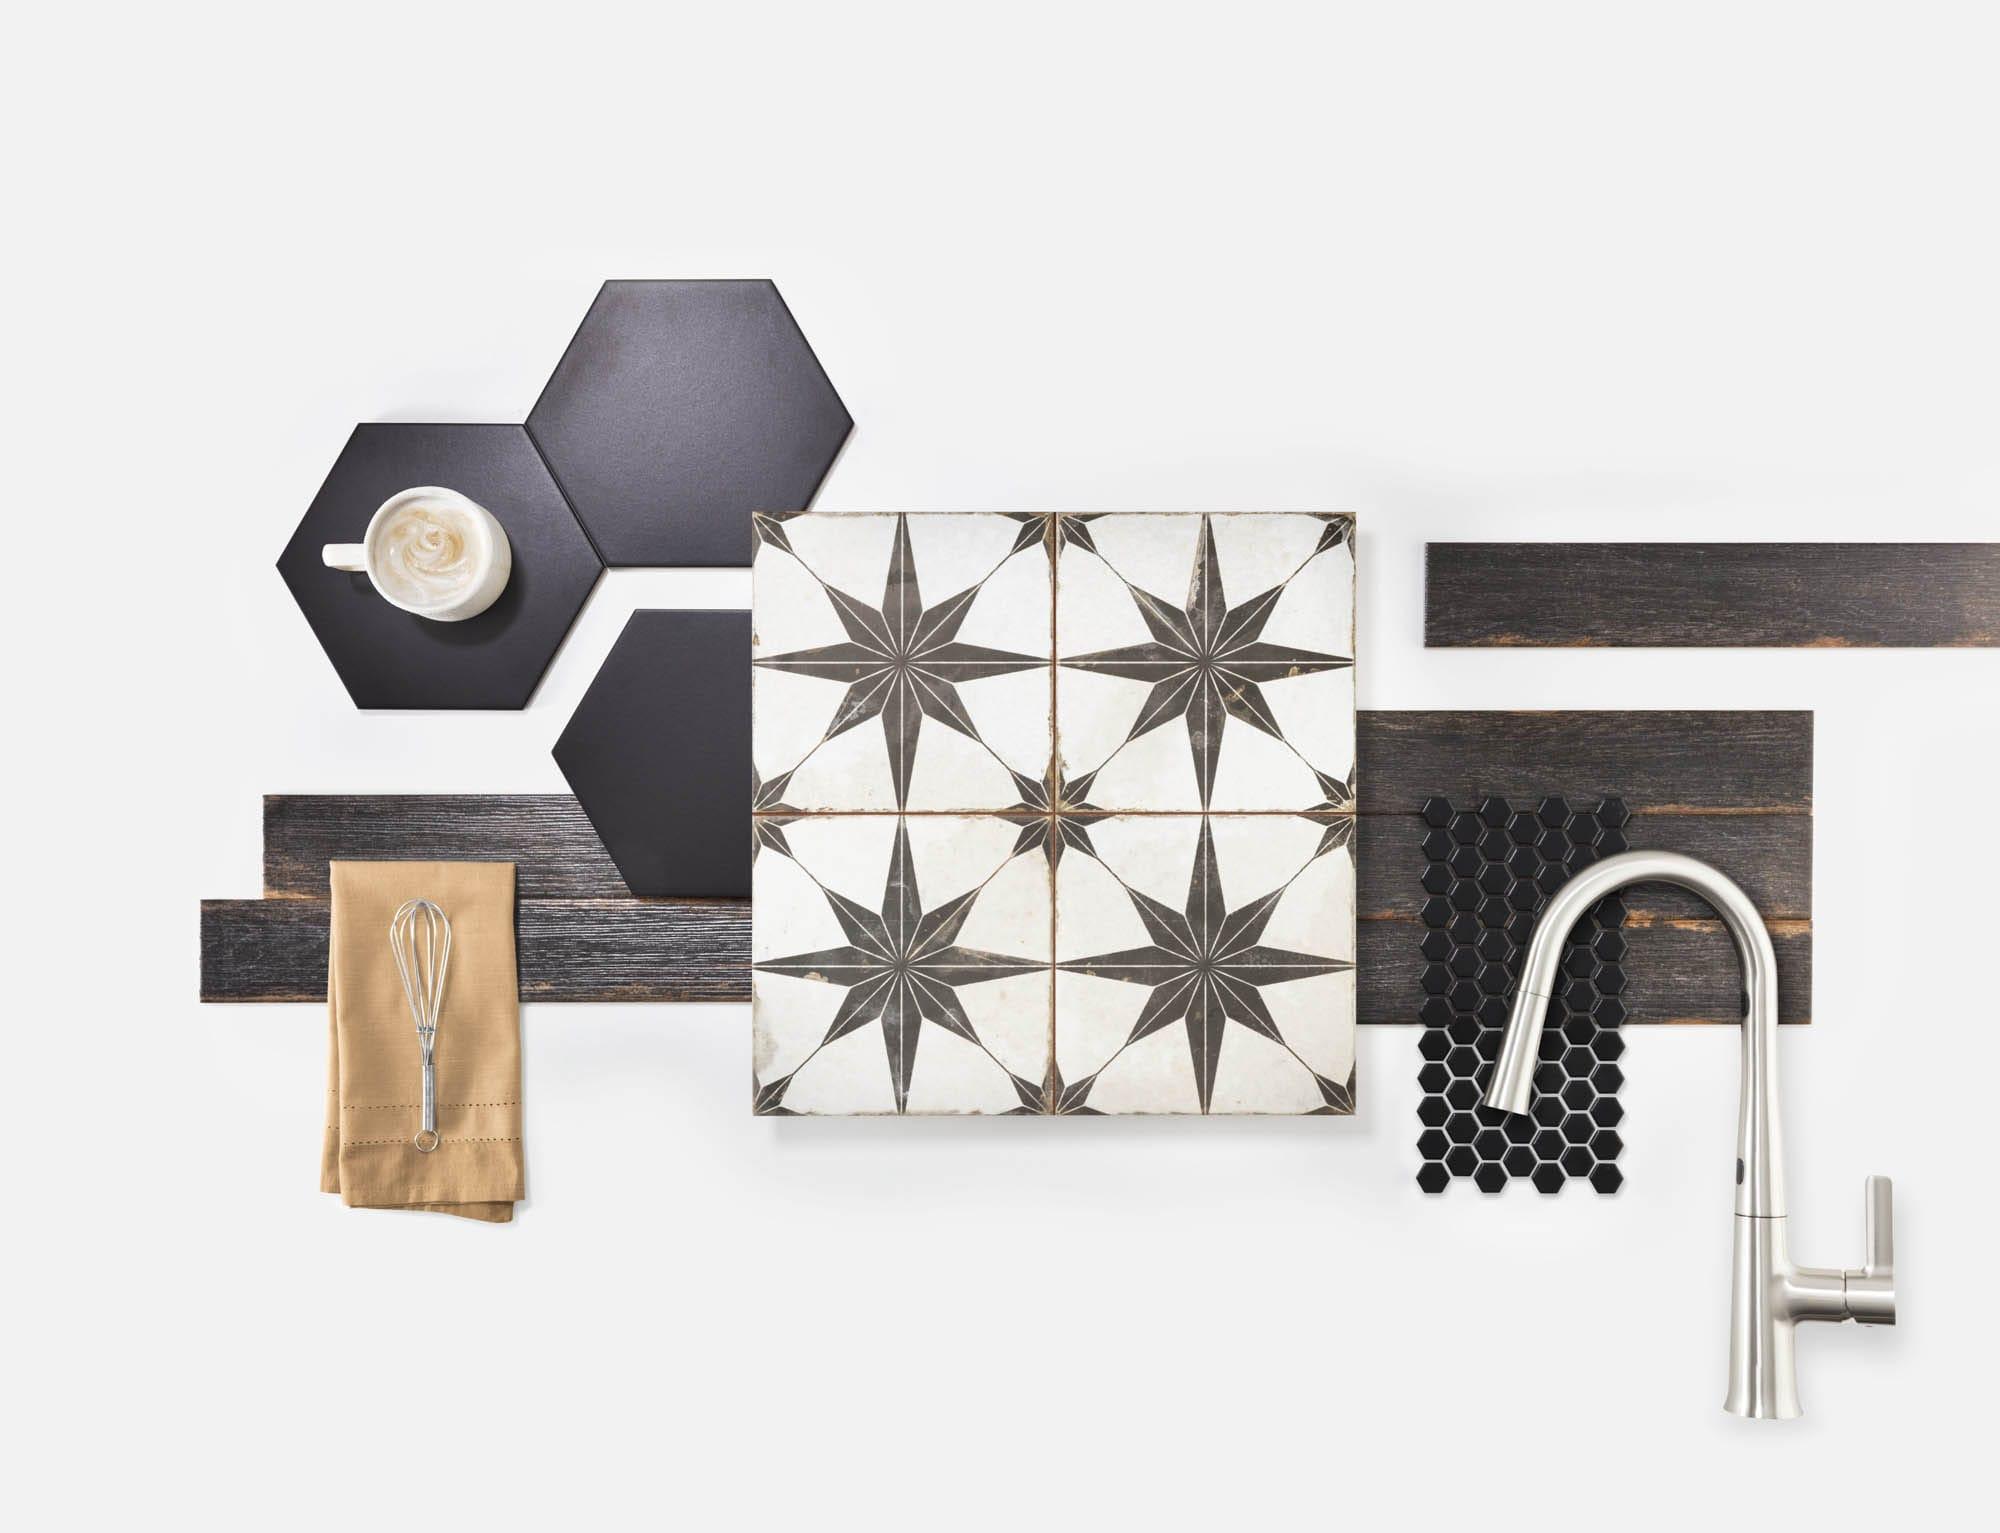 Star ceramic encaustic-look tile pairings